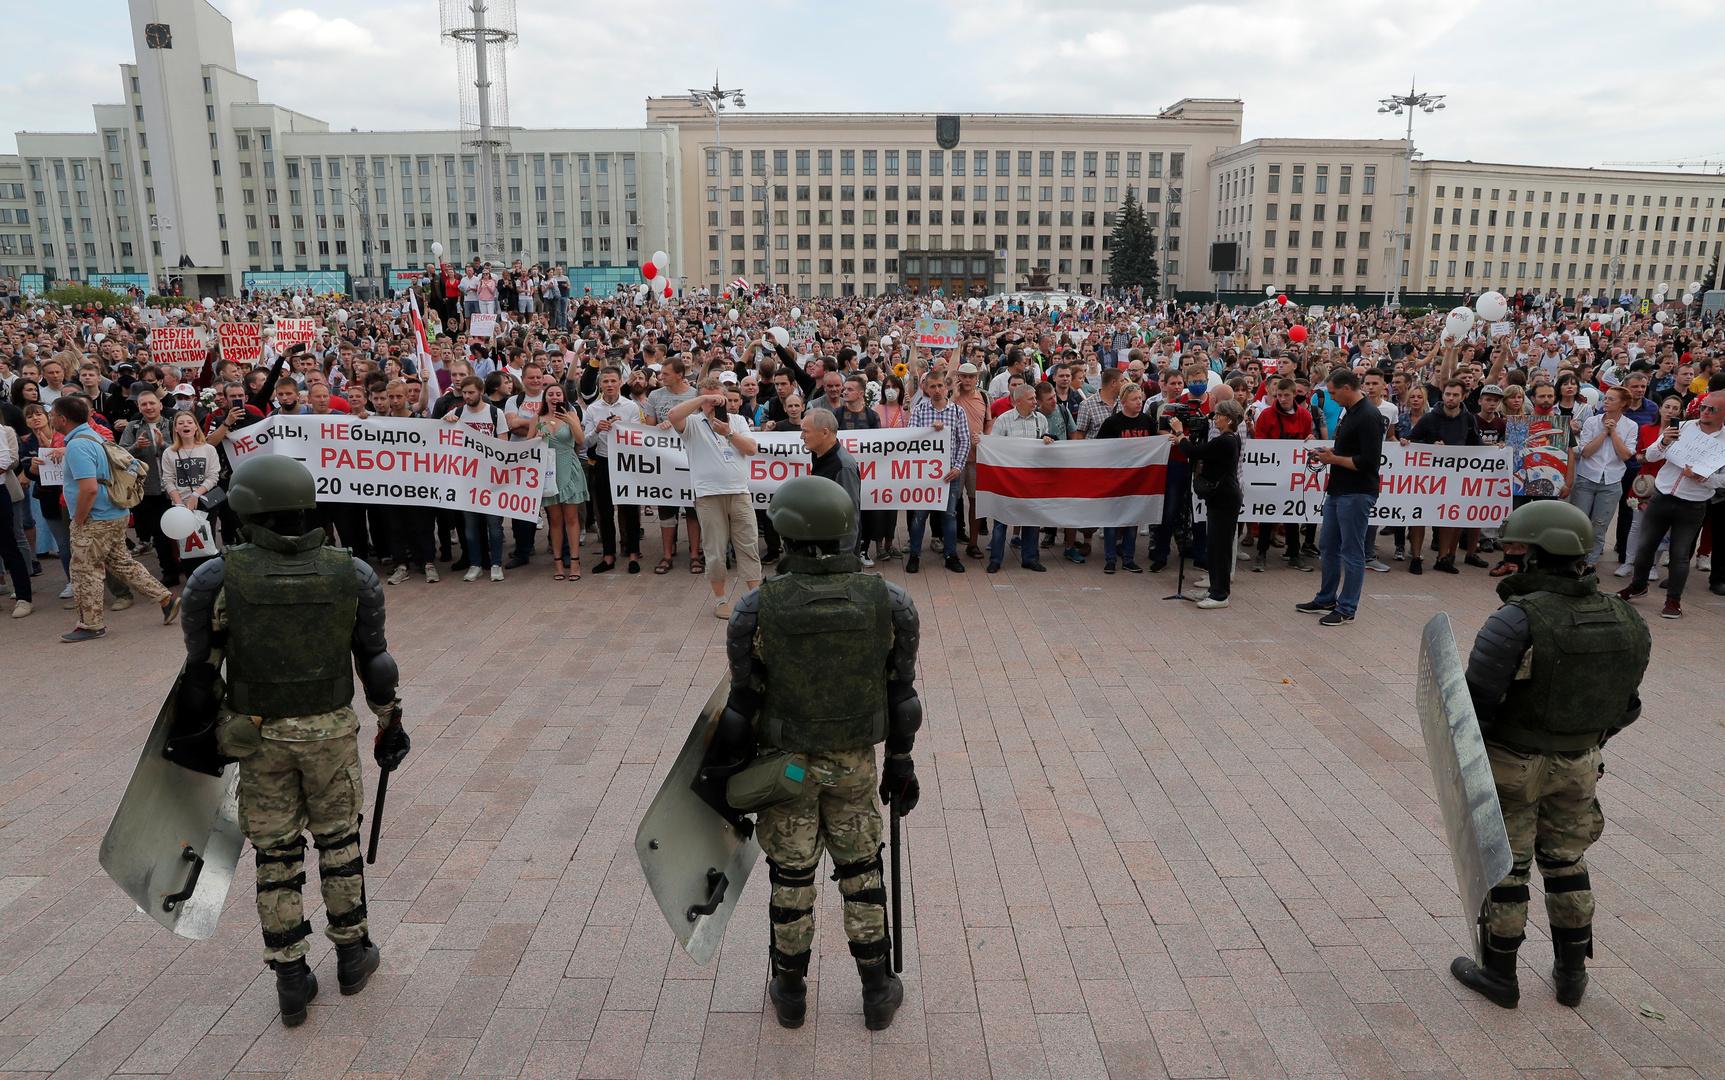 رئيس الوزراء الروسي يتوجه إلى بيلاروس ولقاء بين بوتين ولوكاشينكو قريبا